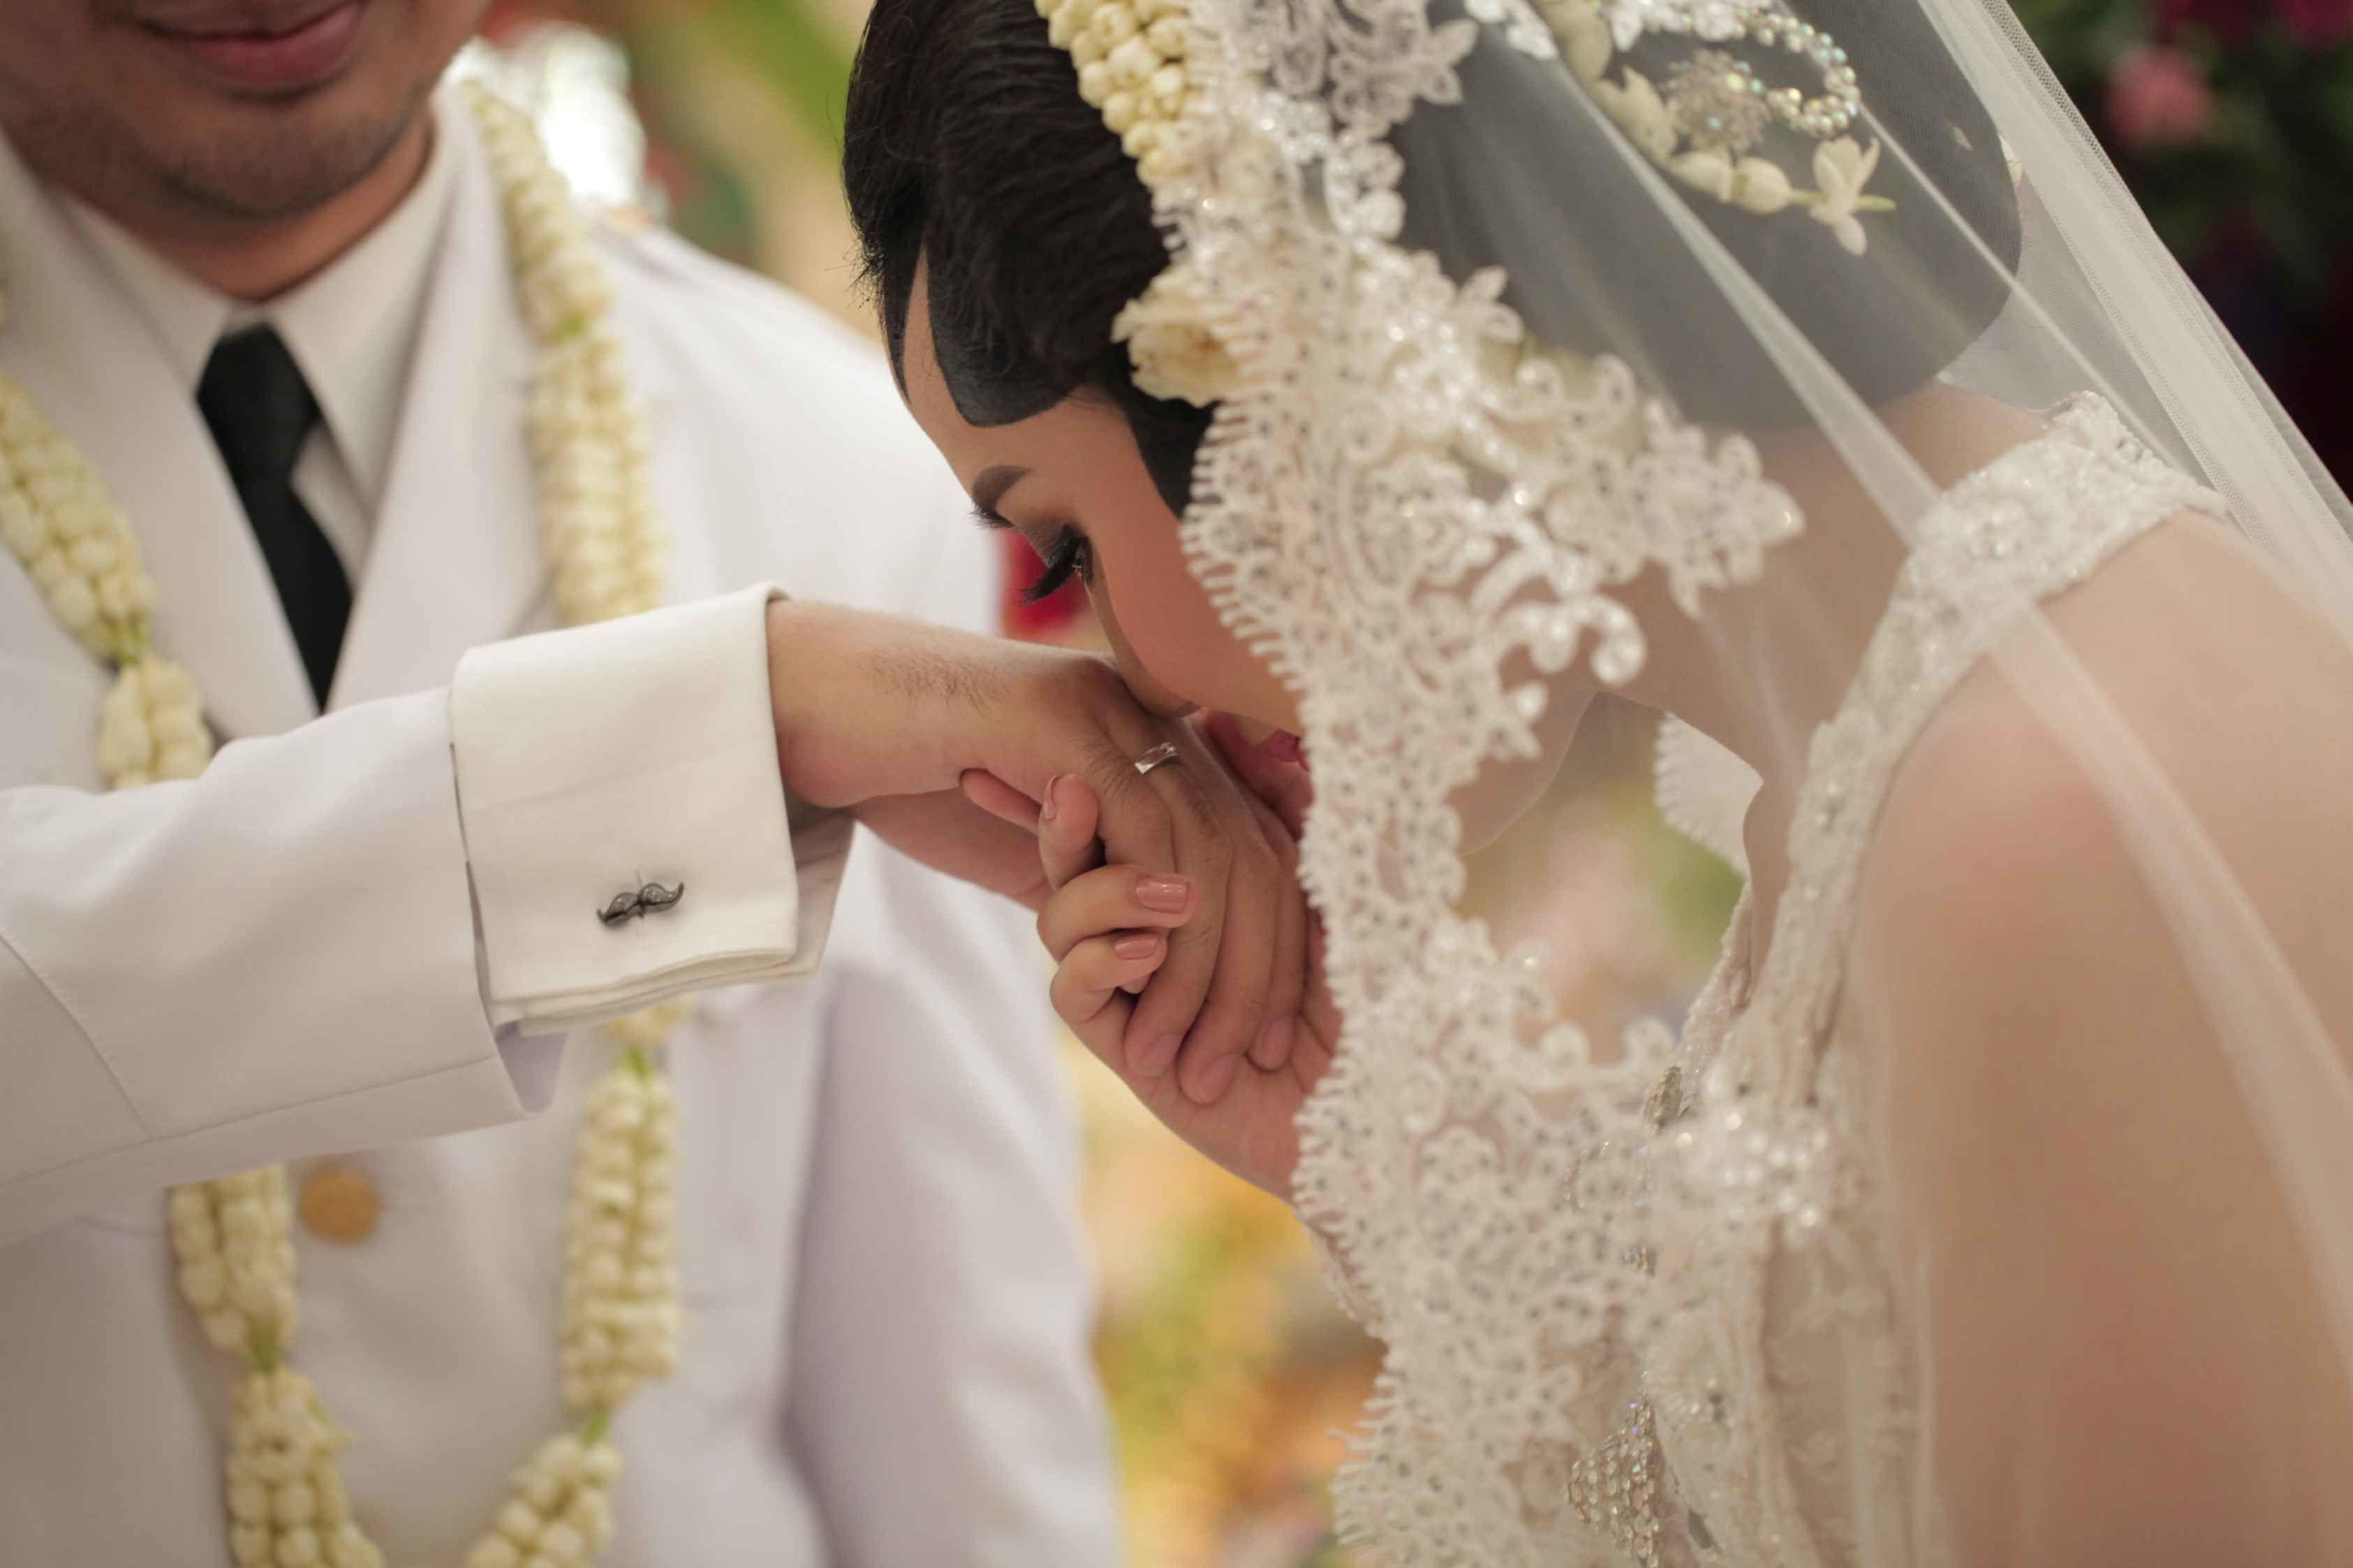 Lengkap dengan Arti, Ini 7 Ayat Alquran tentang Pernikahan